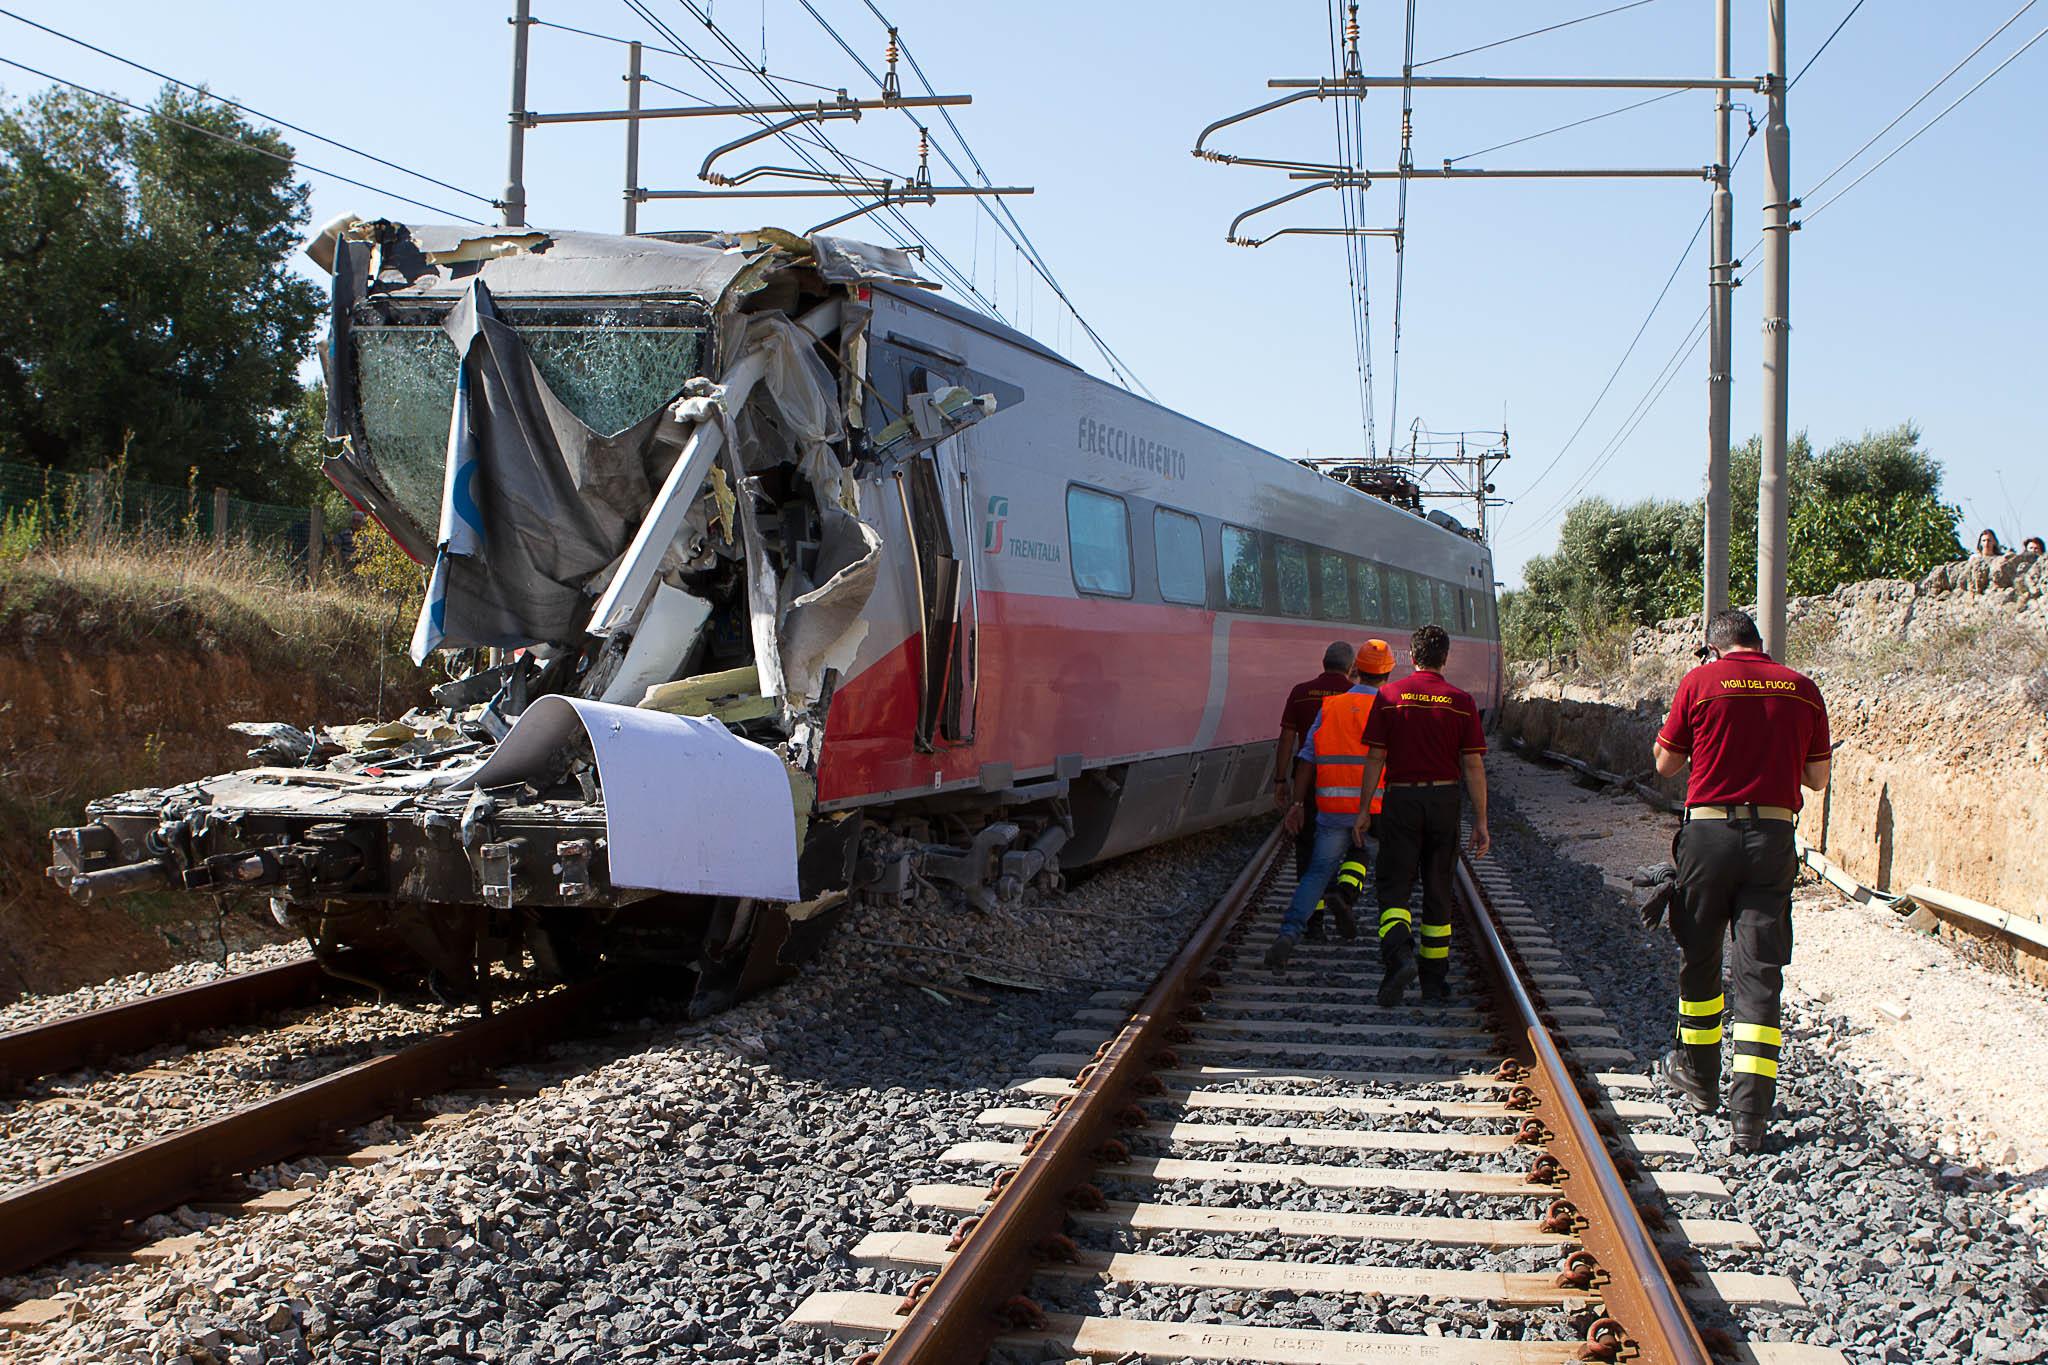 Anche bambini tra i testimoni oculari della tragedia del - Immagini del treno per colorare ...